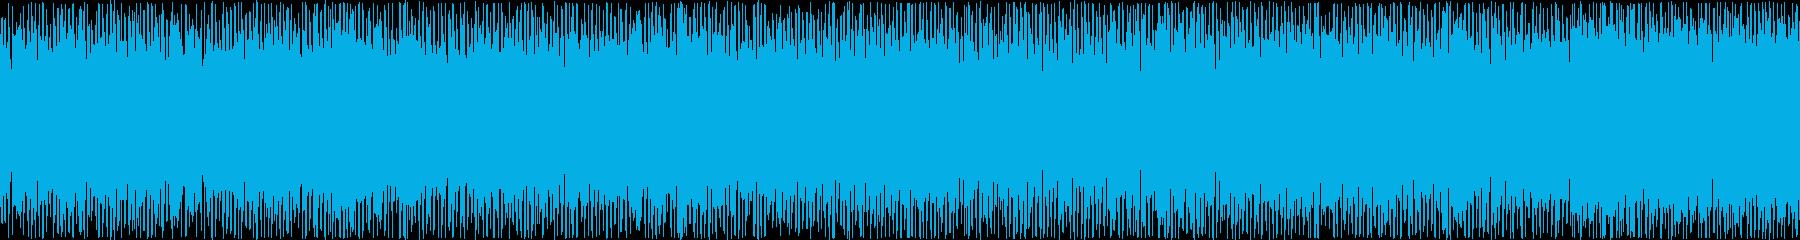 ザァー(FMラジオのノイズA)ループ処理の再生済みの波形